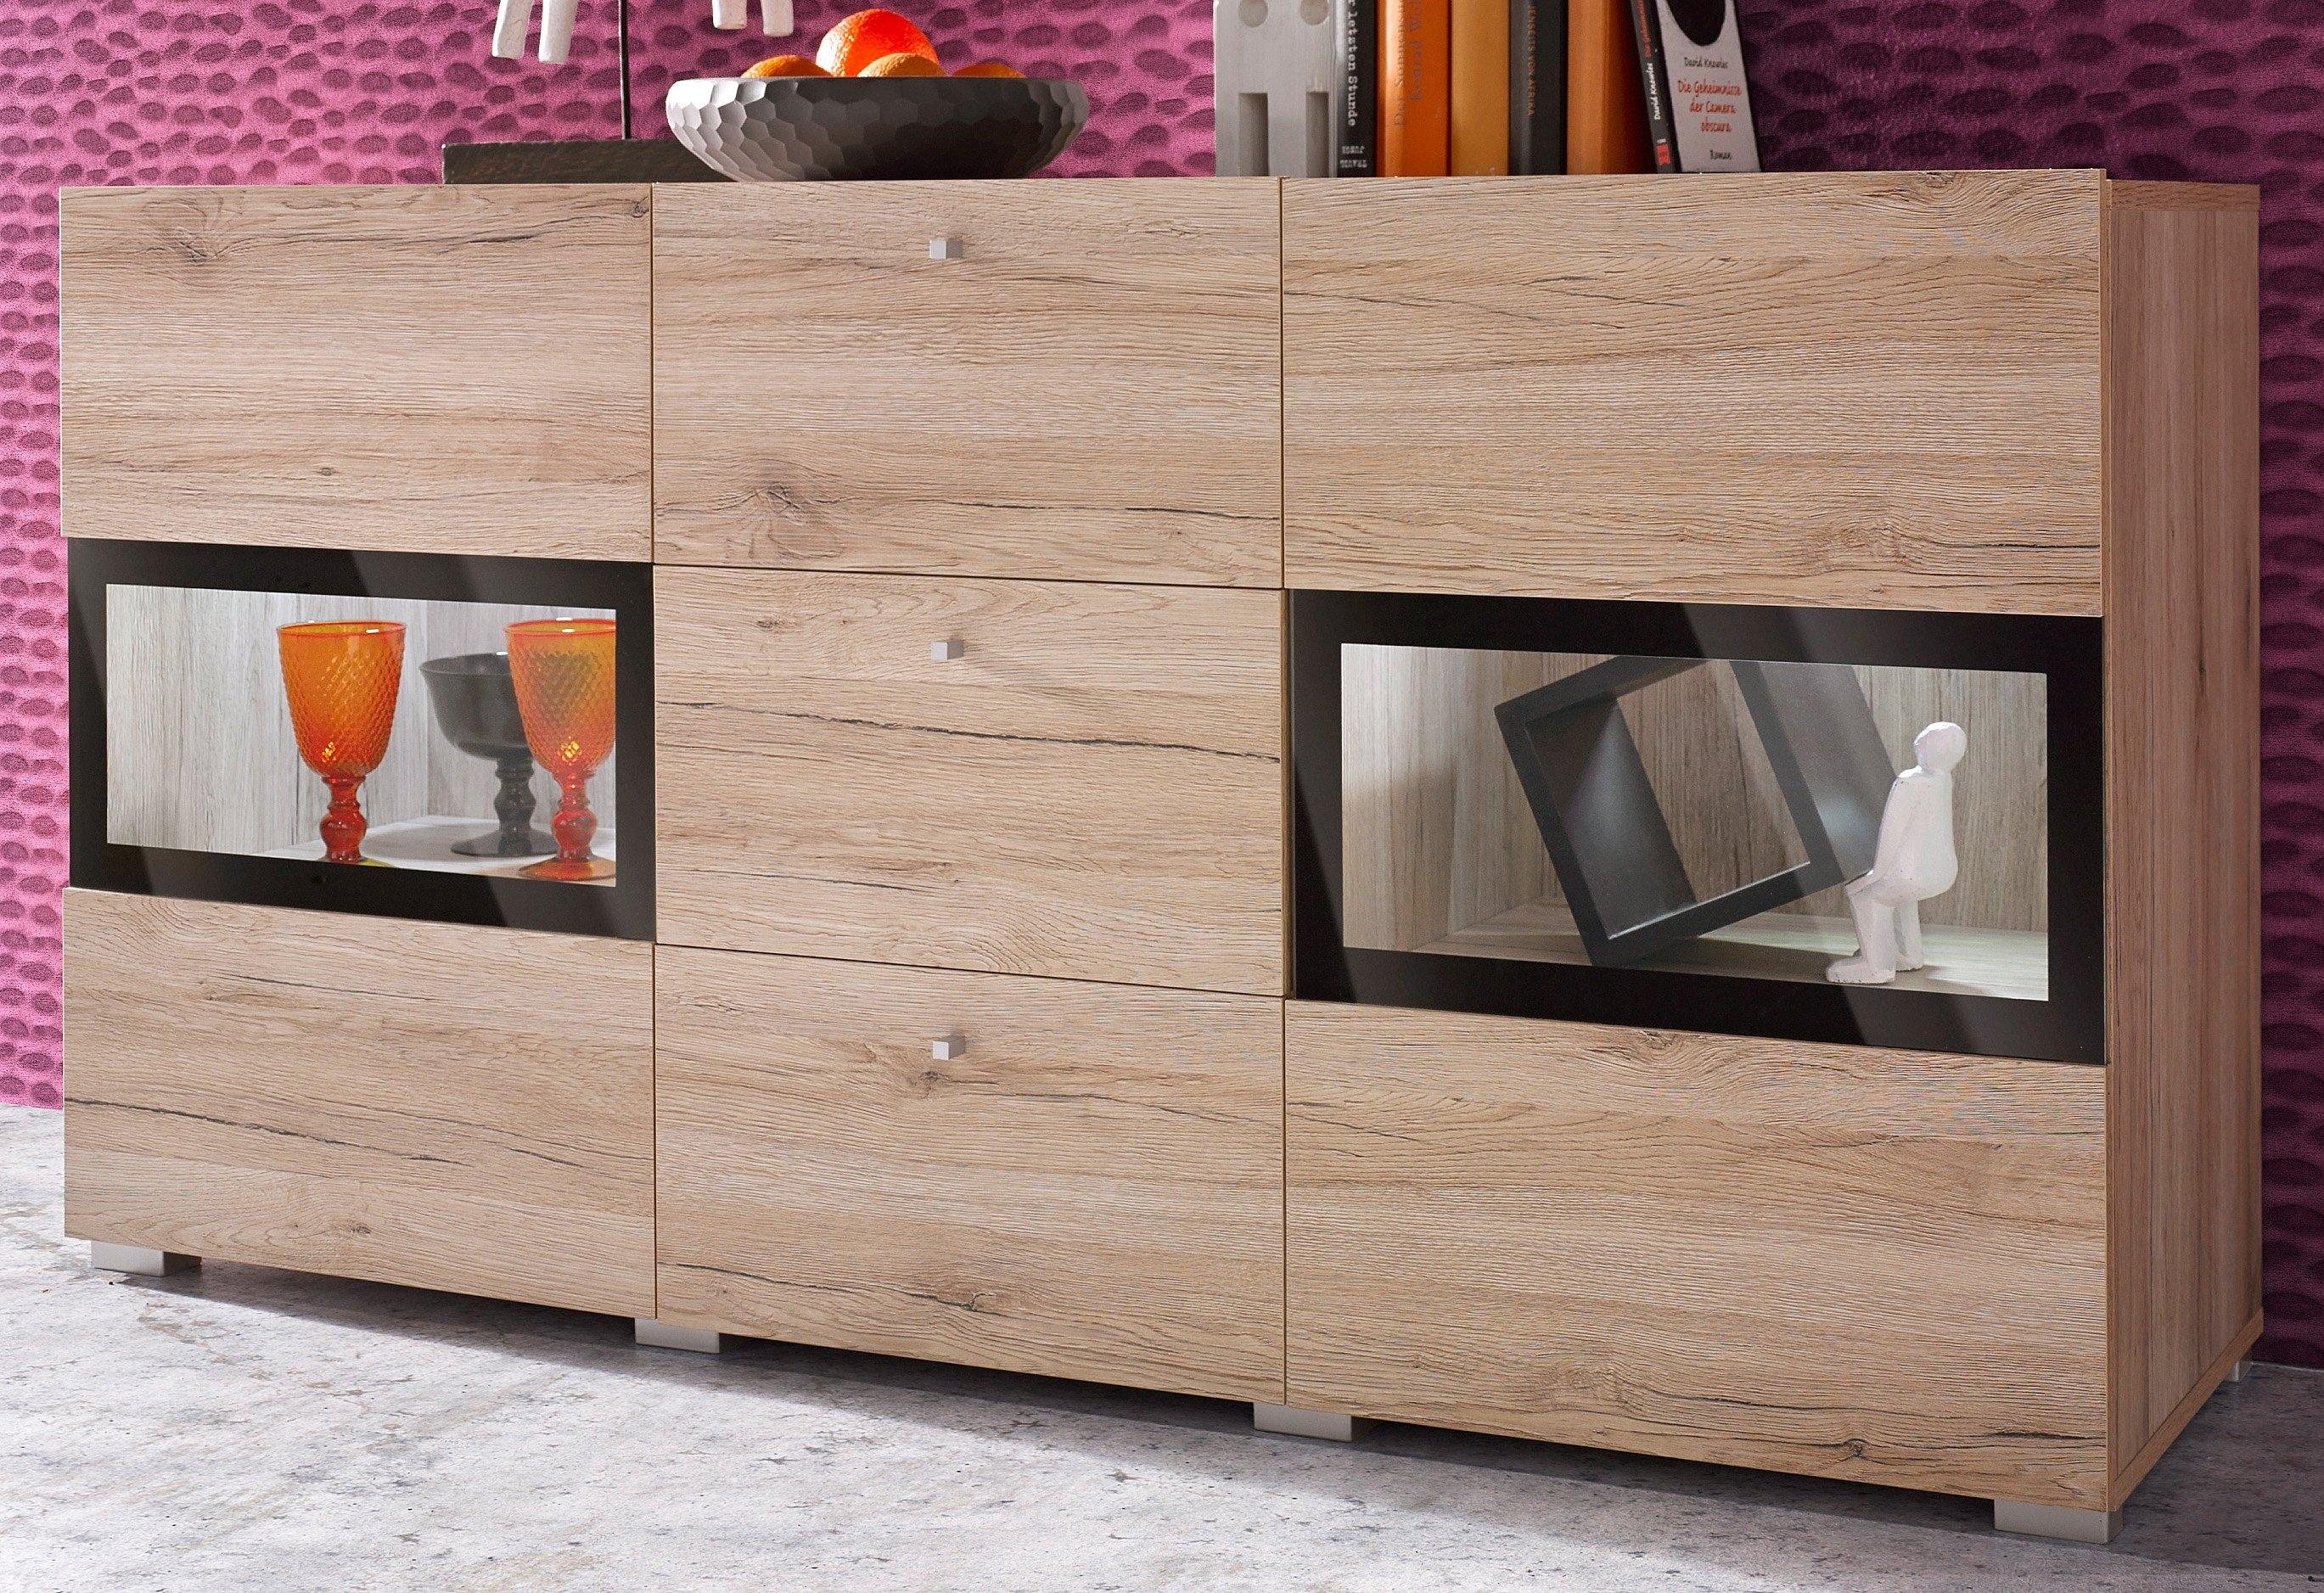 Trendmanufaktur Sideboard Baros breedte 132 cm bestellen: 14 dagen bedenktijd